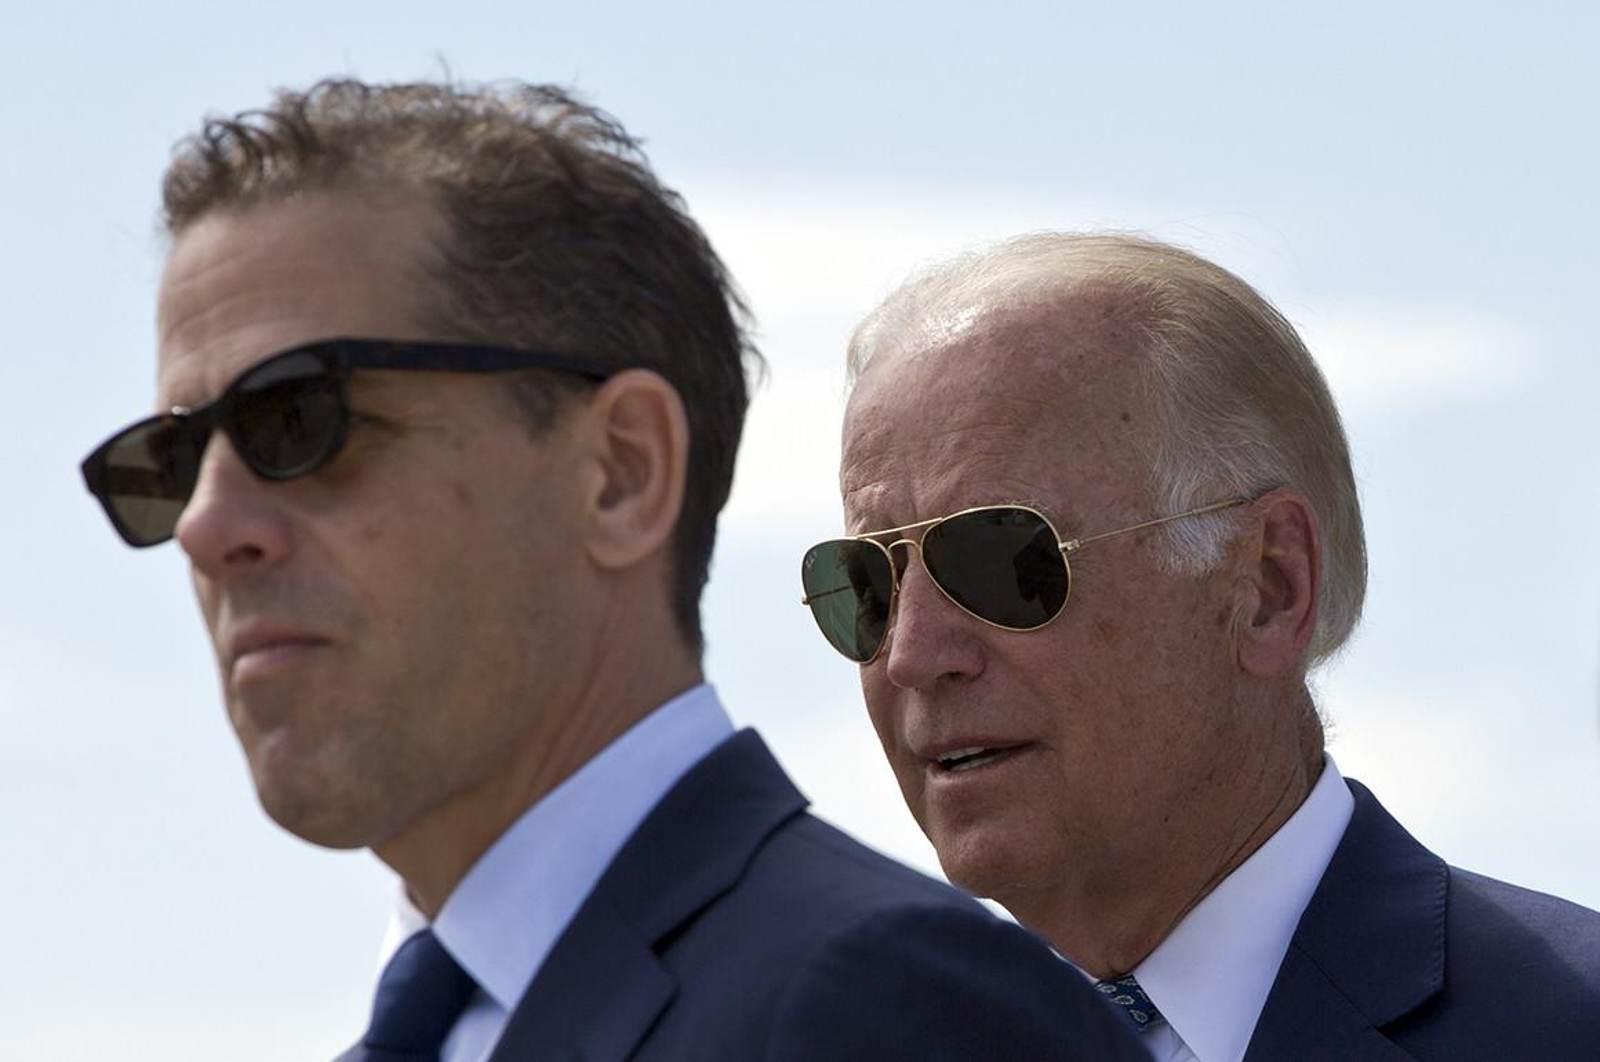 La laptop de Hunter sigue condenando a Joe Biden